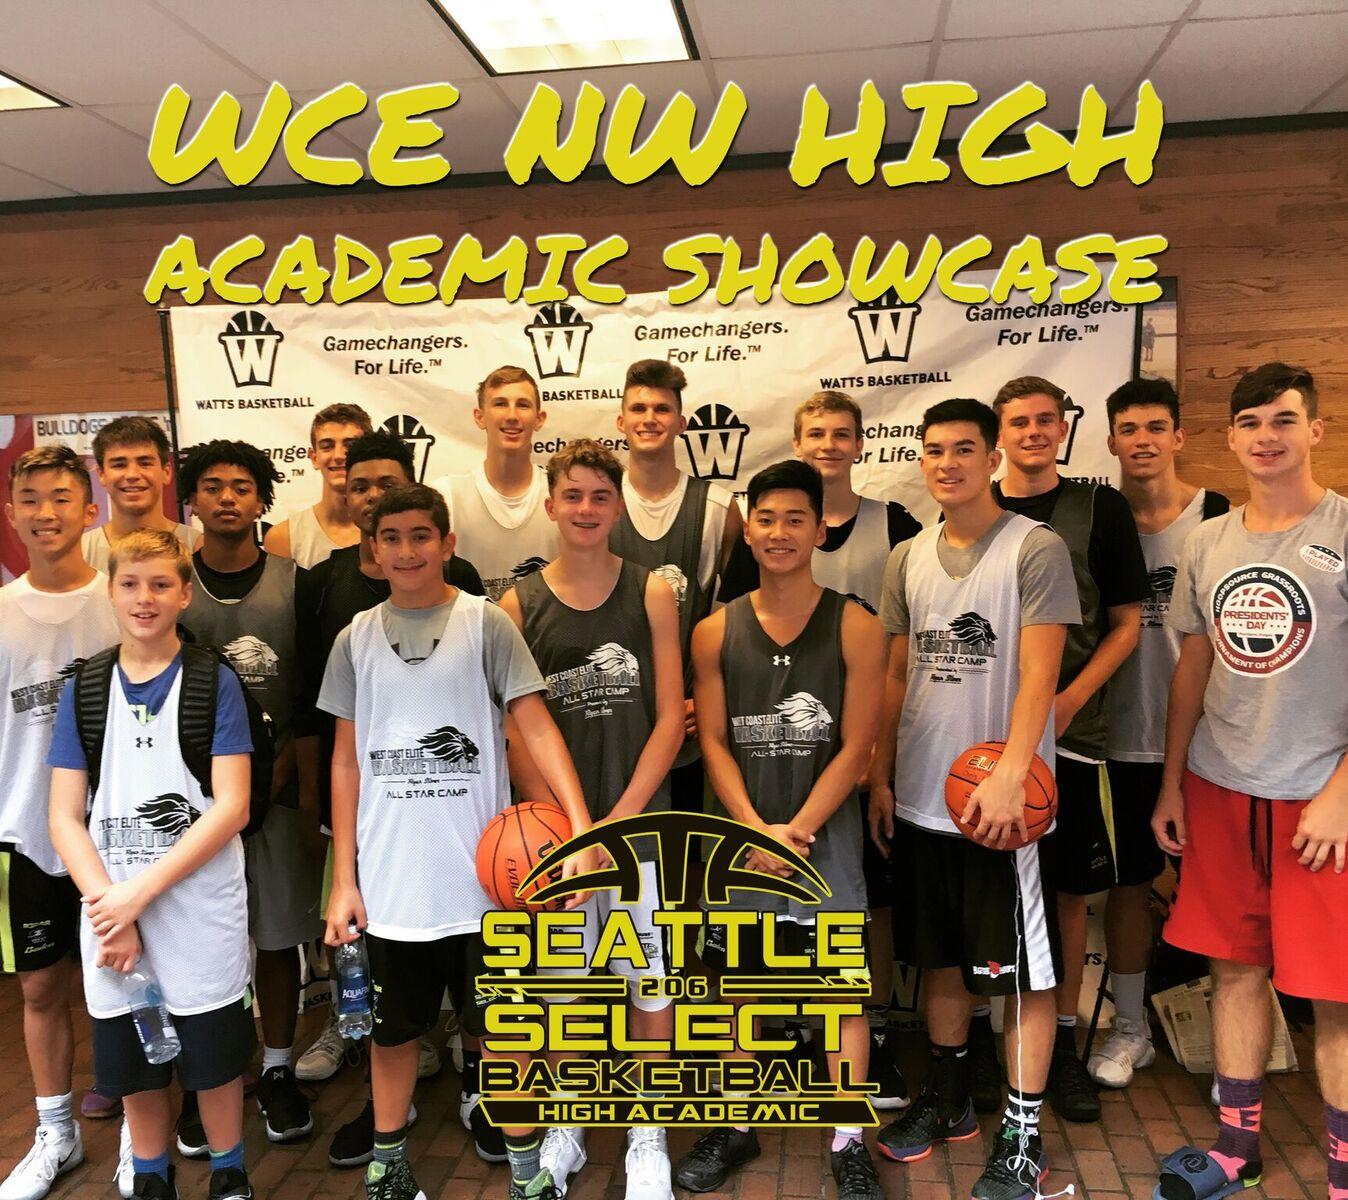 NW High Academic Showcase